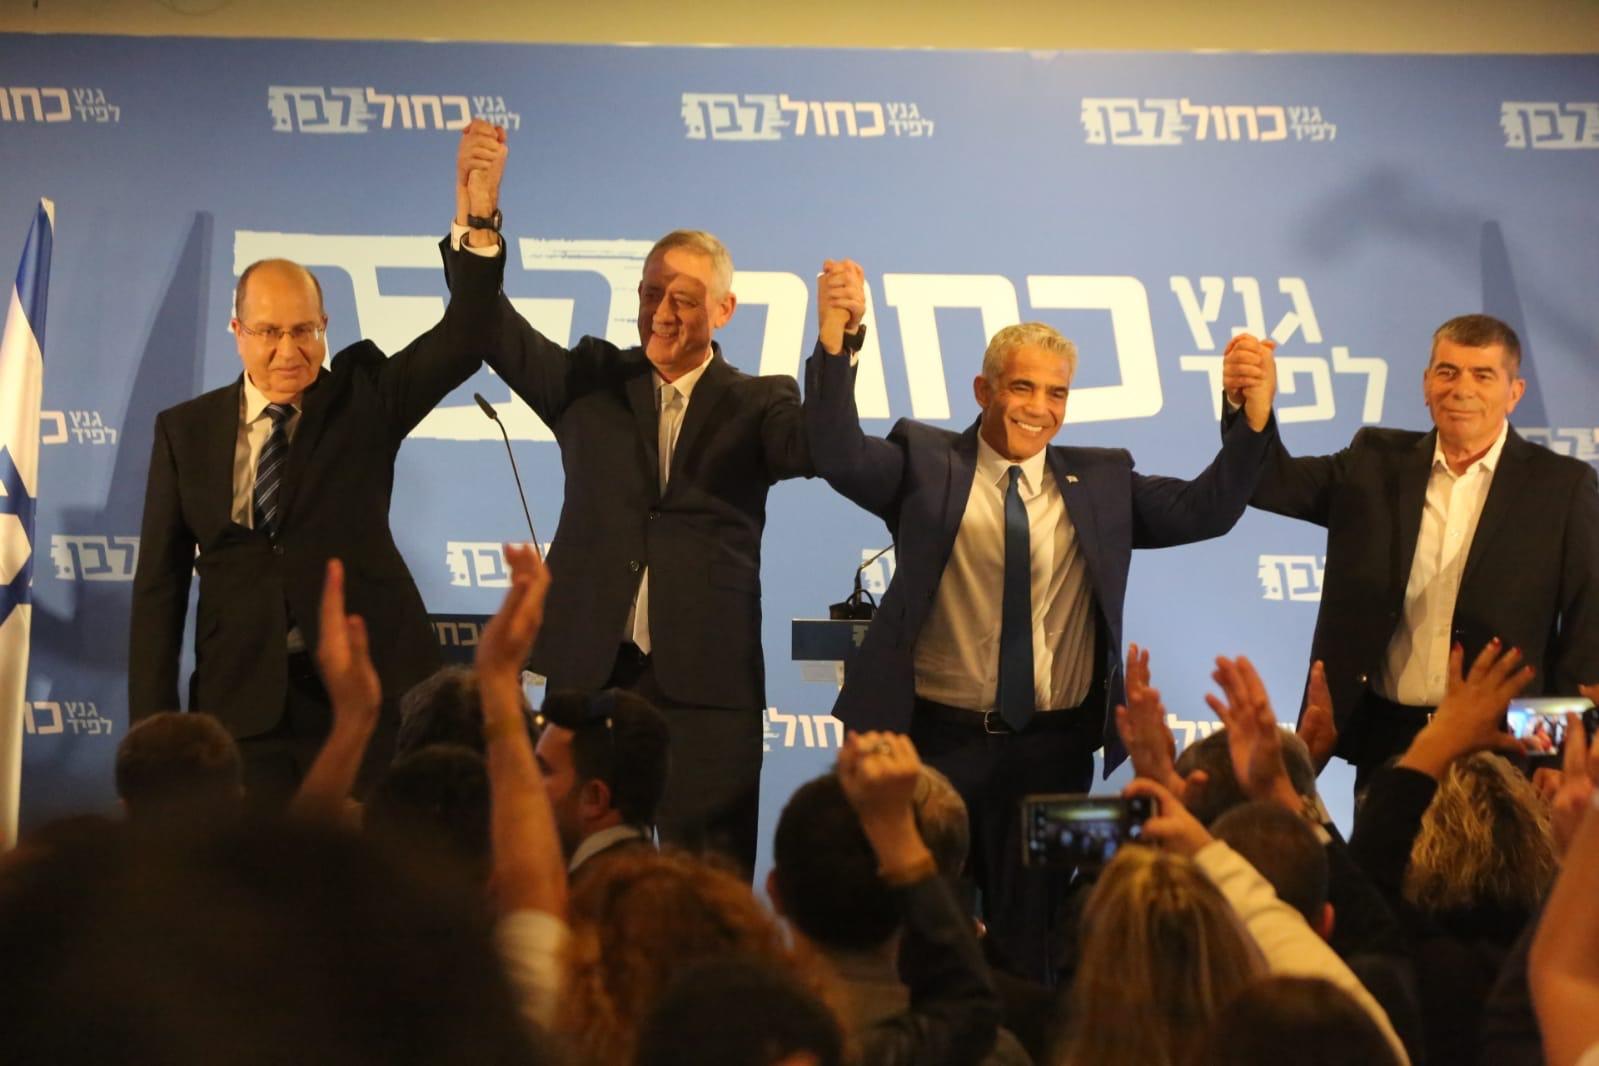 """""""מכירה את הפוליטיקה שהובילה להיעדר נשים במפלגה"""", מפלגת כחול לבן: גבי אשכנזי, יאיר לפיד, בני גנץ ובוגי יעלון. צילום: יוסי זמיר"""